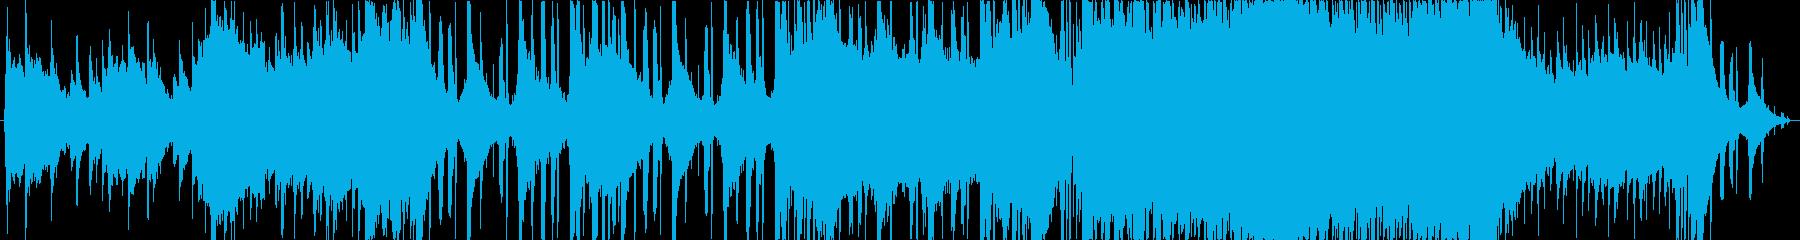 明るいピアノが特徴のJ-Popの再生済みの波形